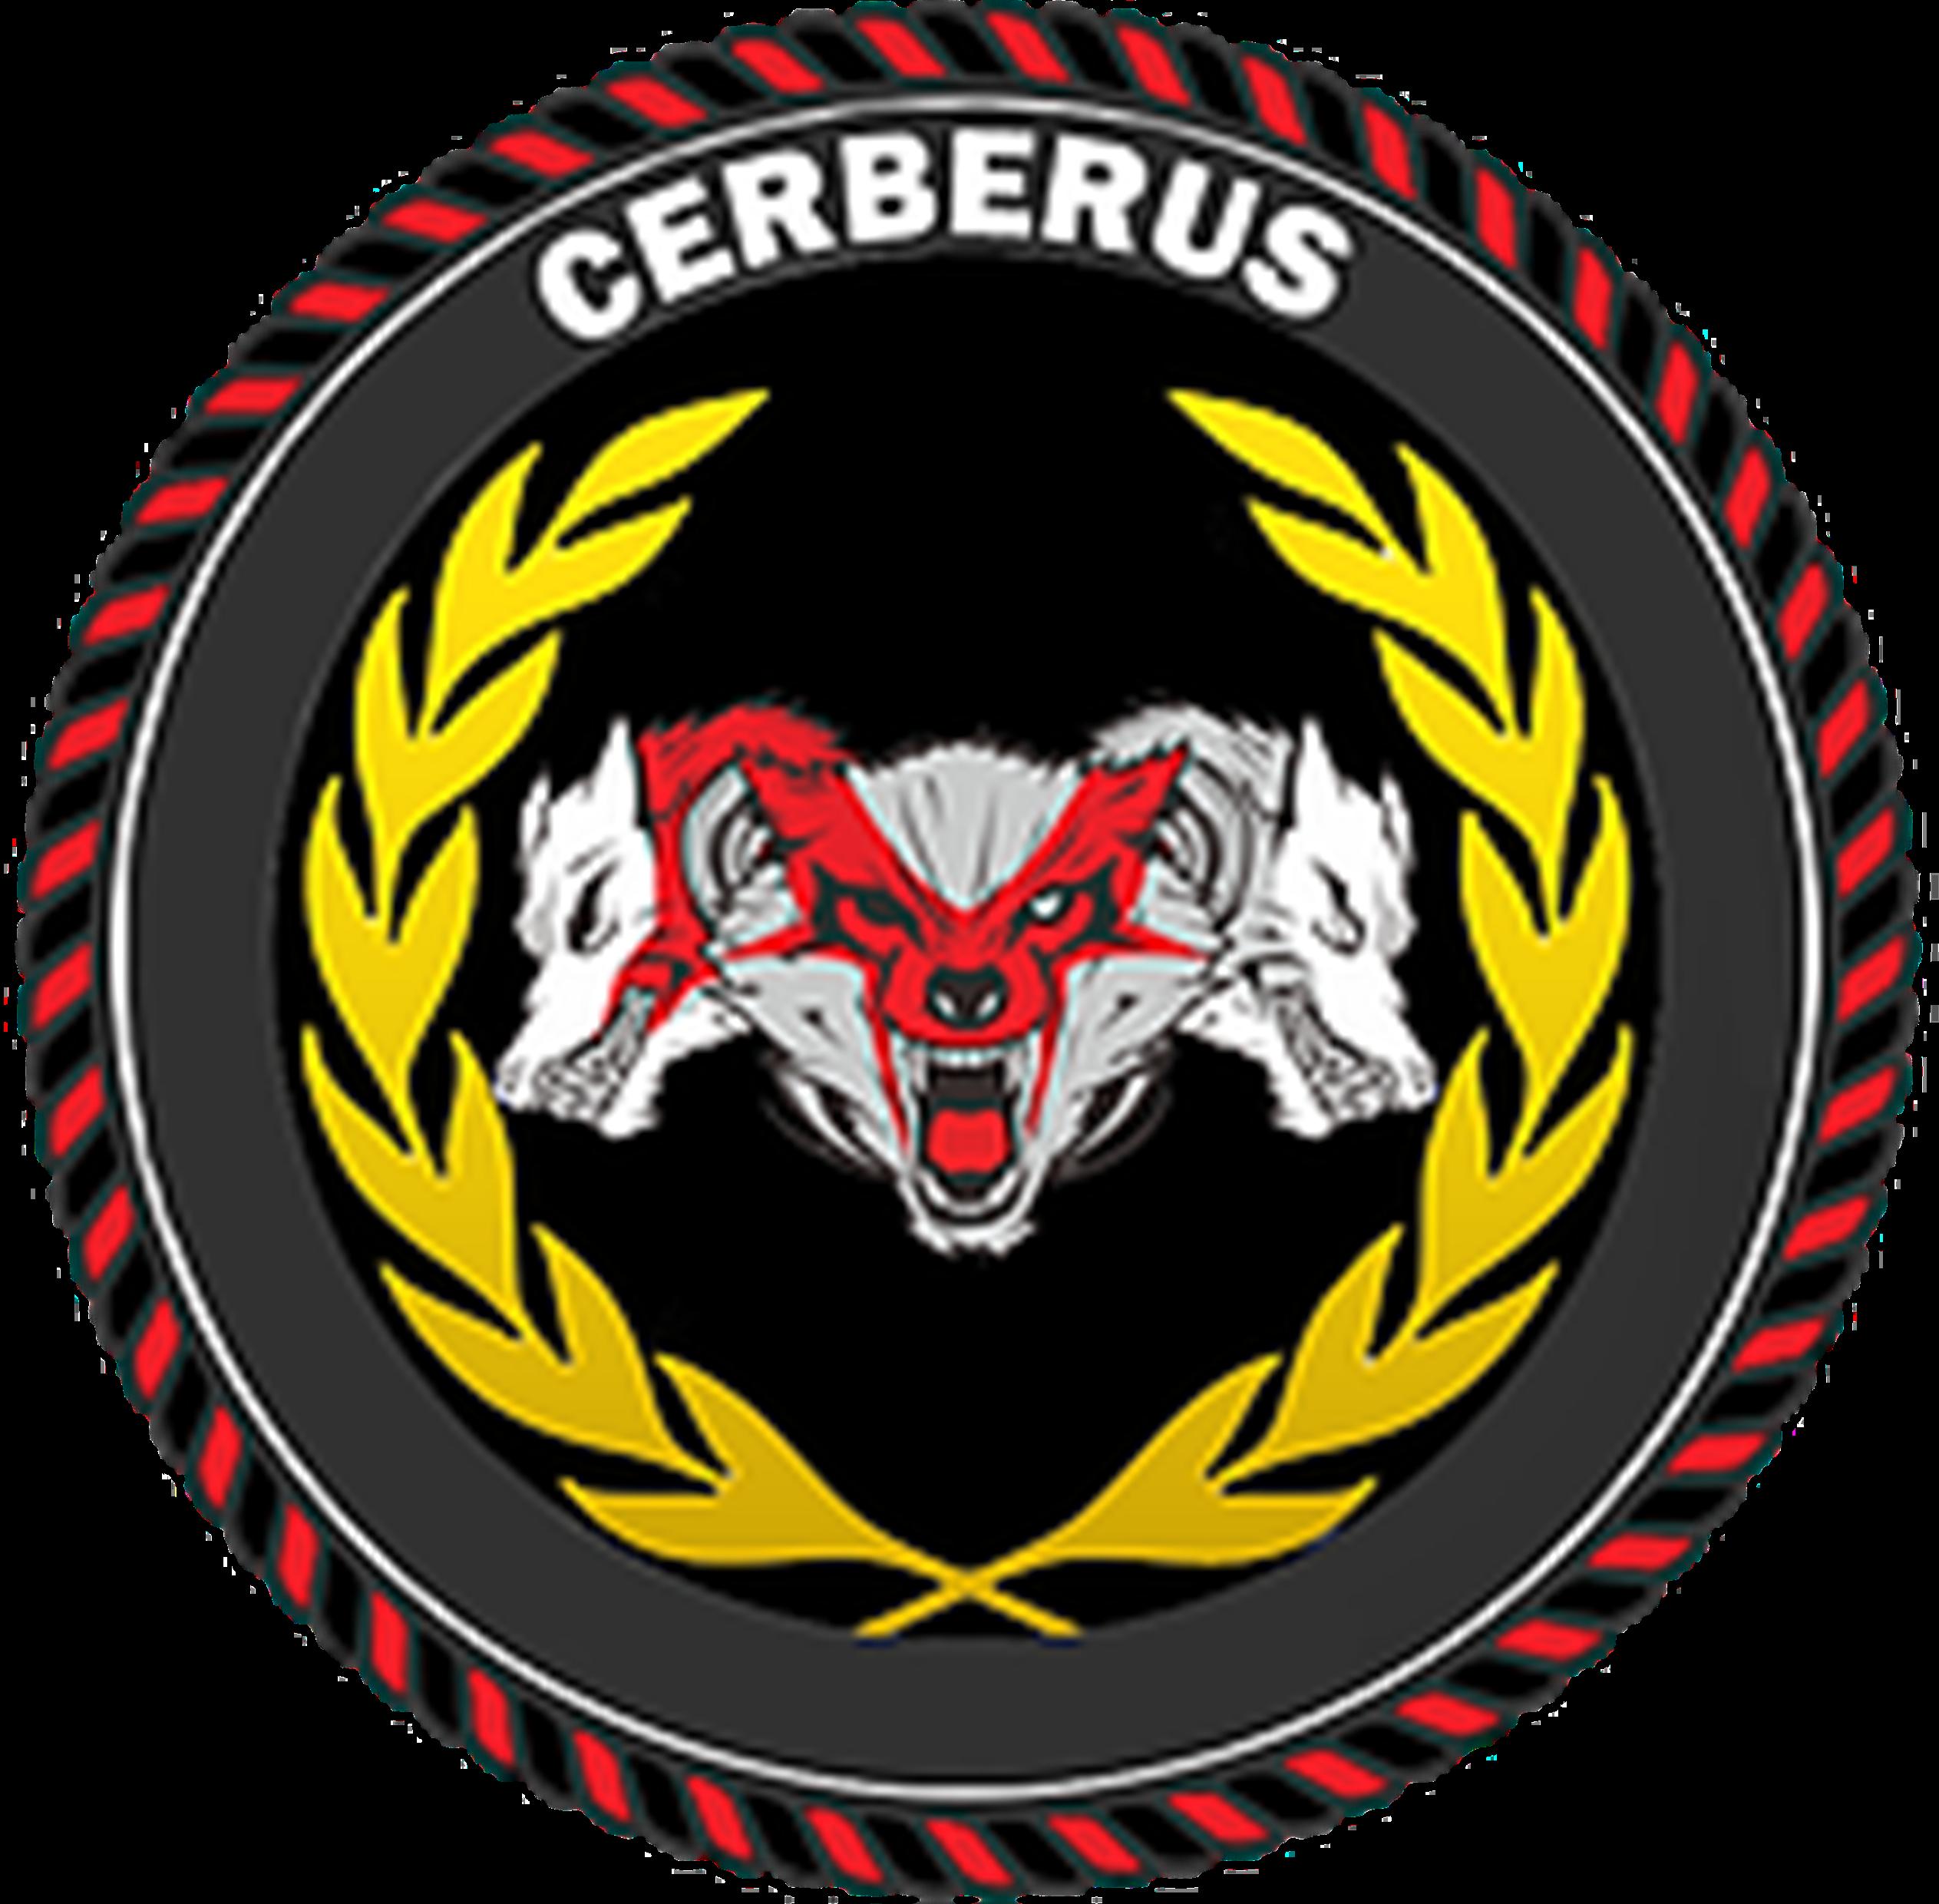 Compañía Cerberus